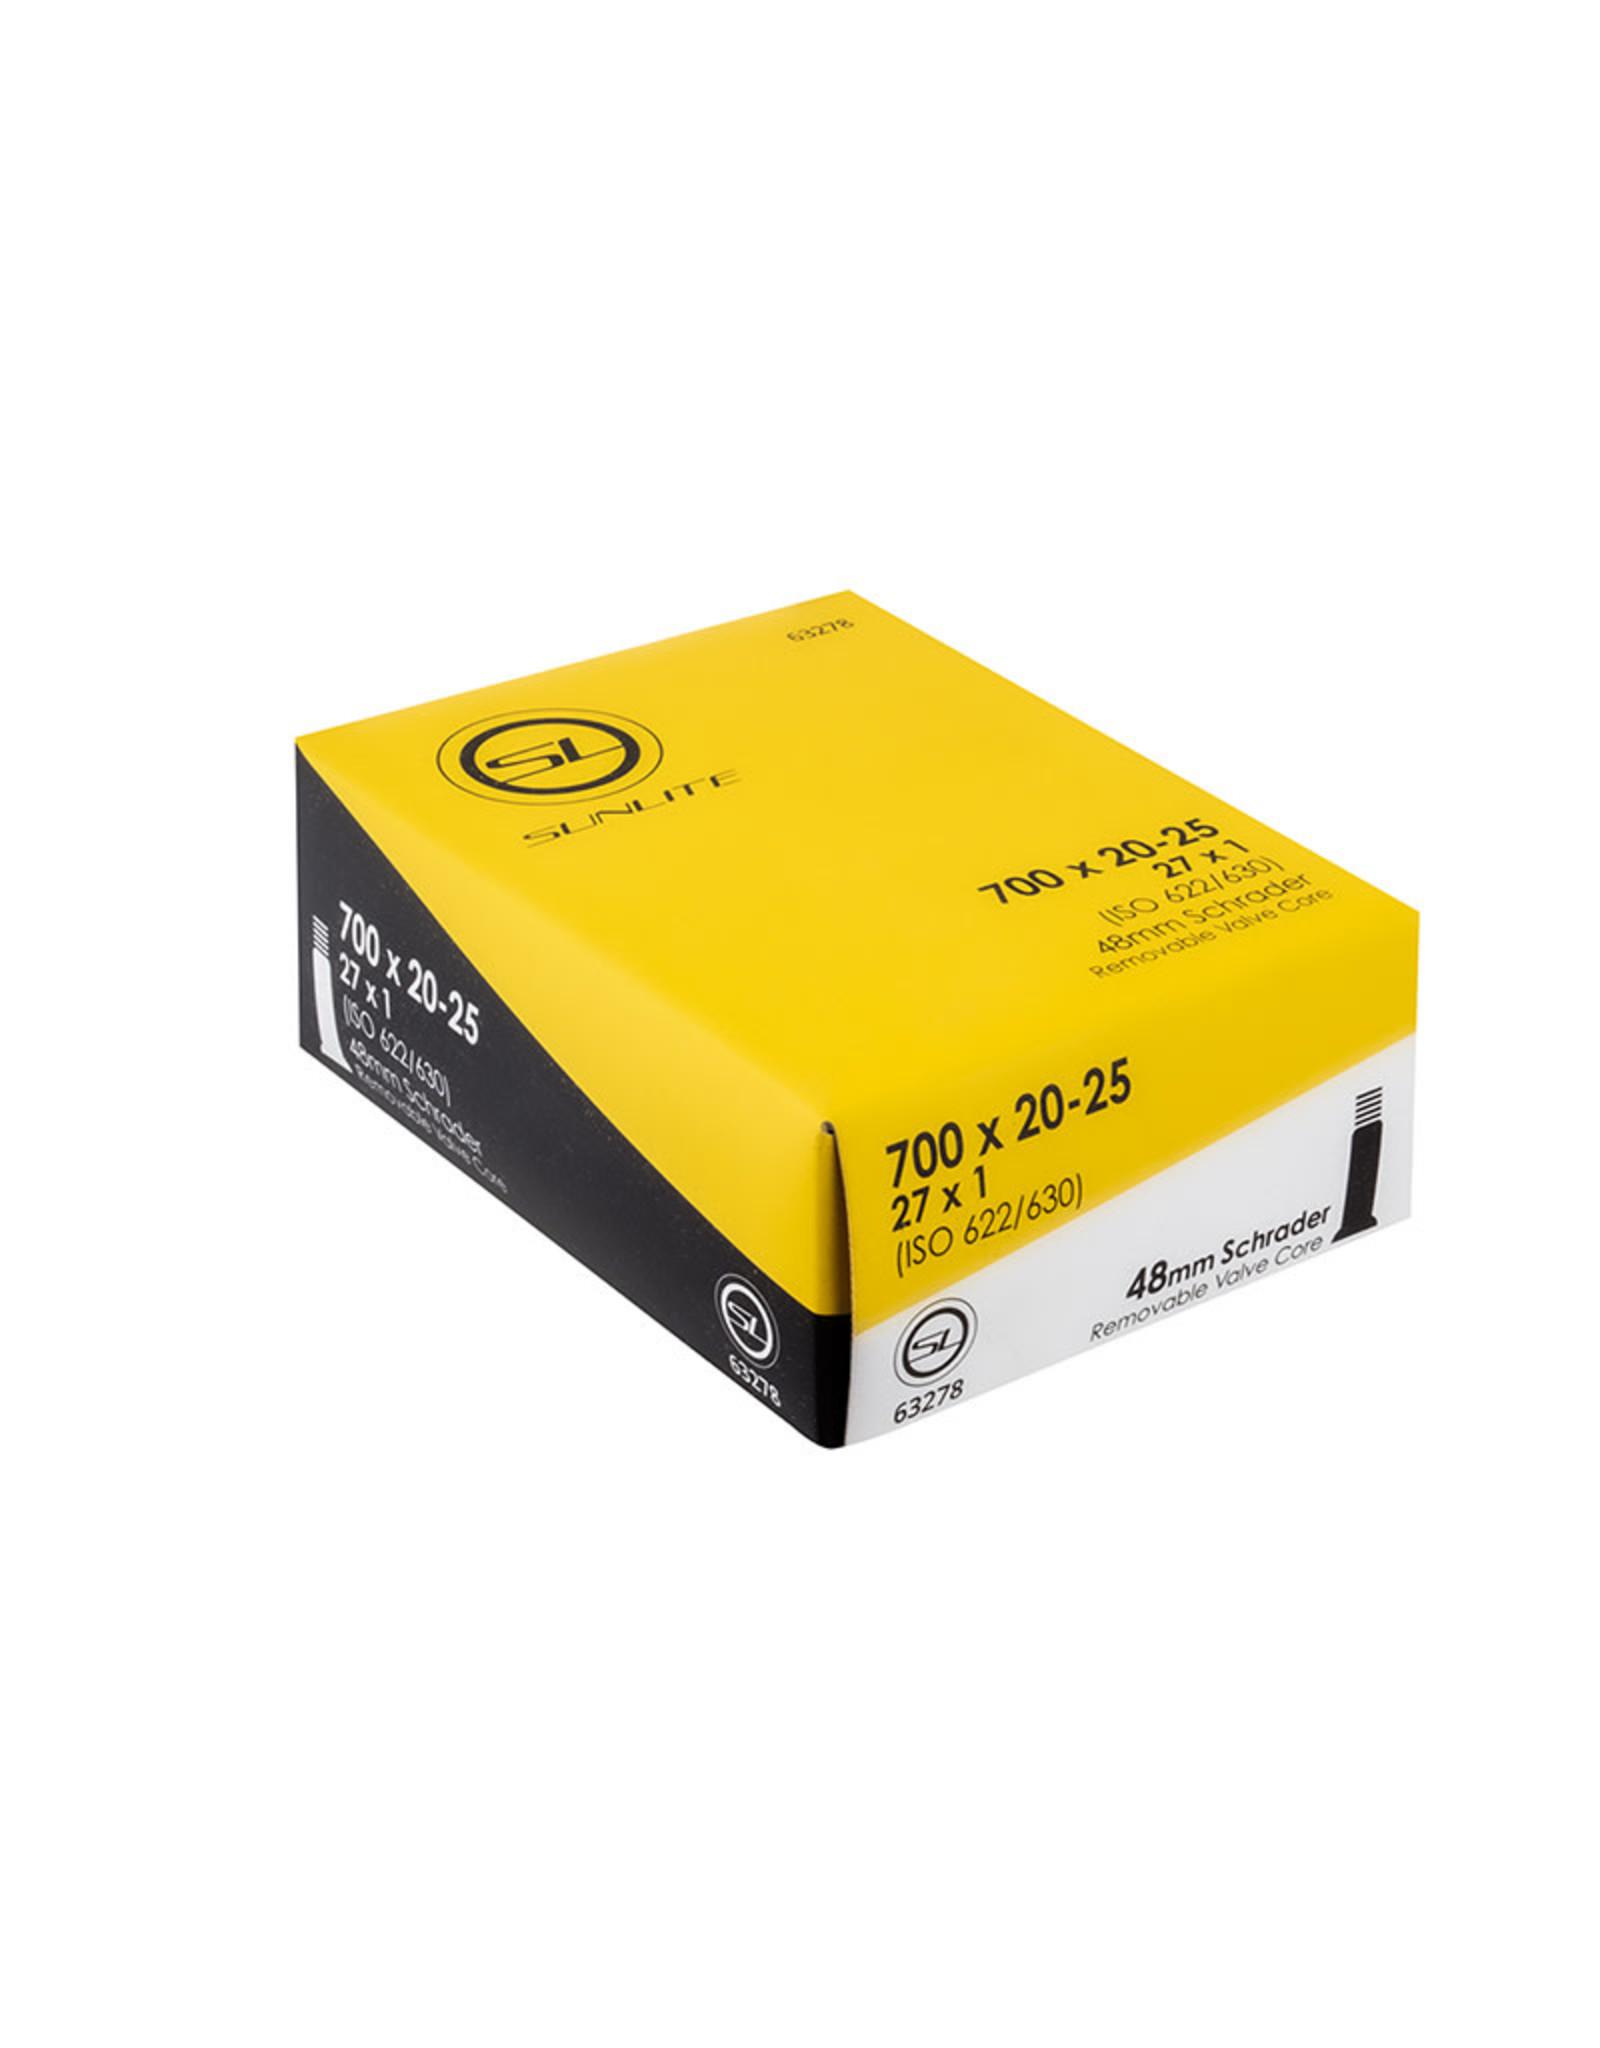 Sunlite Sunlite Tube 700x20-25 (27x1) SV 48mm